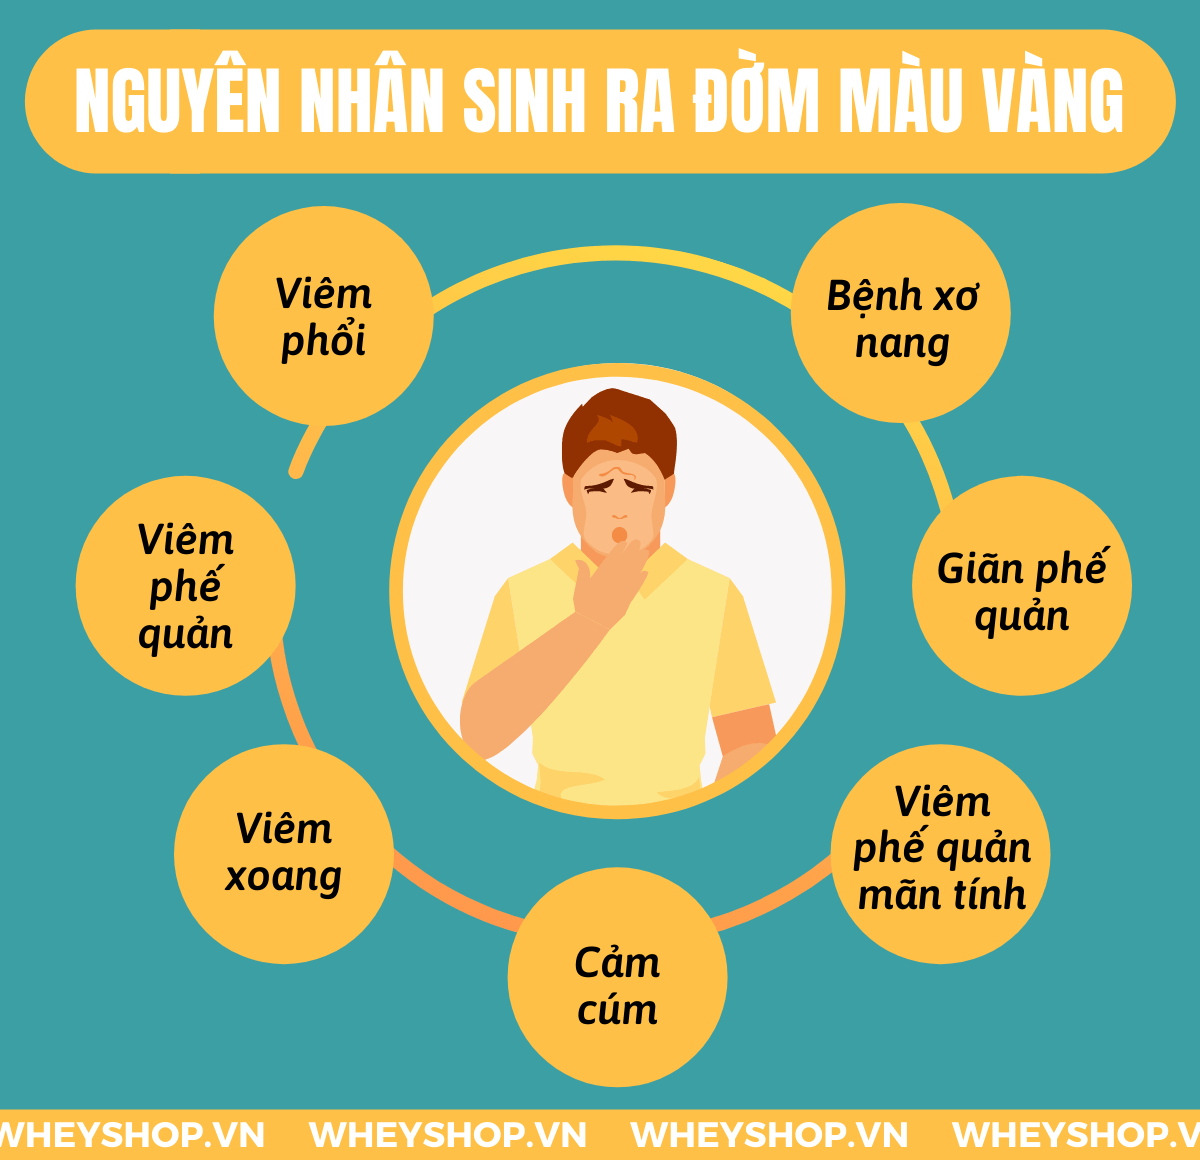 Đờm màu vàng là tình trạng rất phổ biến và thường gặp ở rất nhiều người. Sự xuất hiện quá nhiều đờm là 1 trong những trong những cảnh báo về chứng trạng tình...